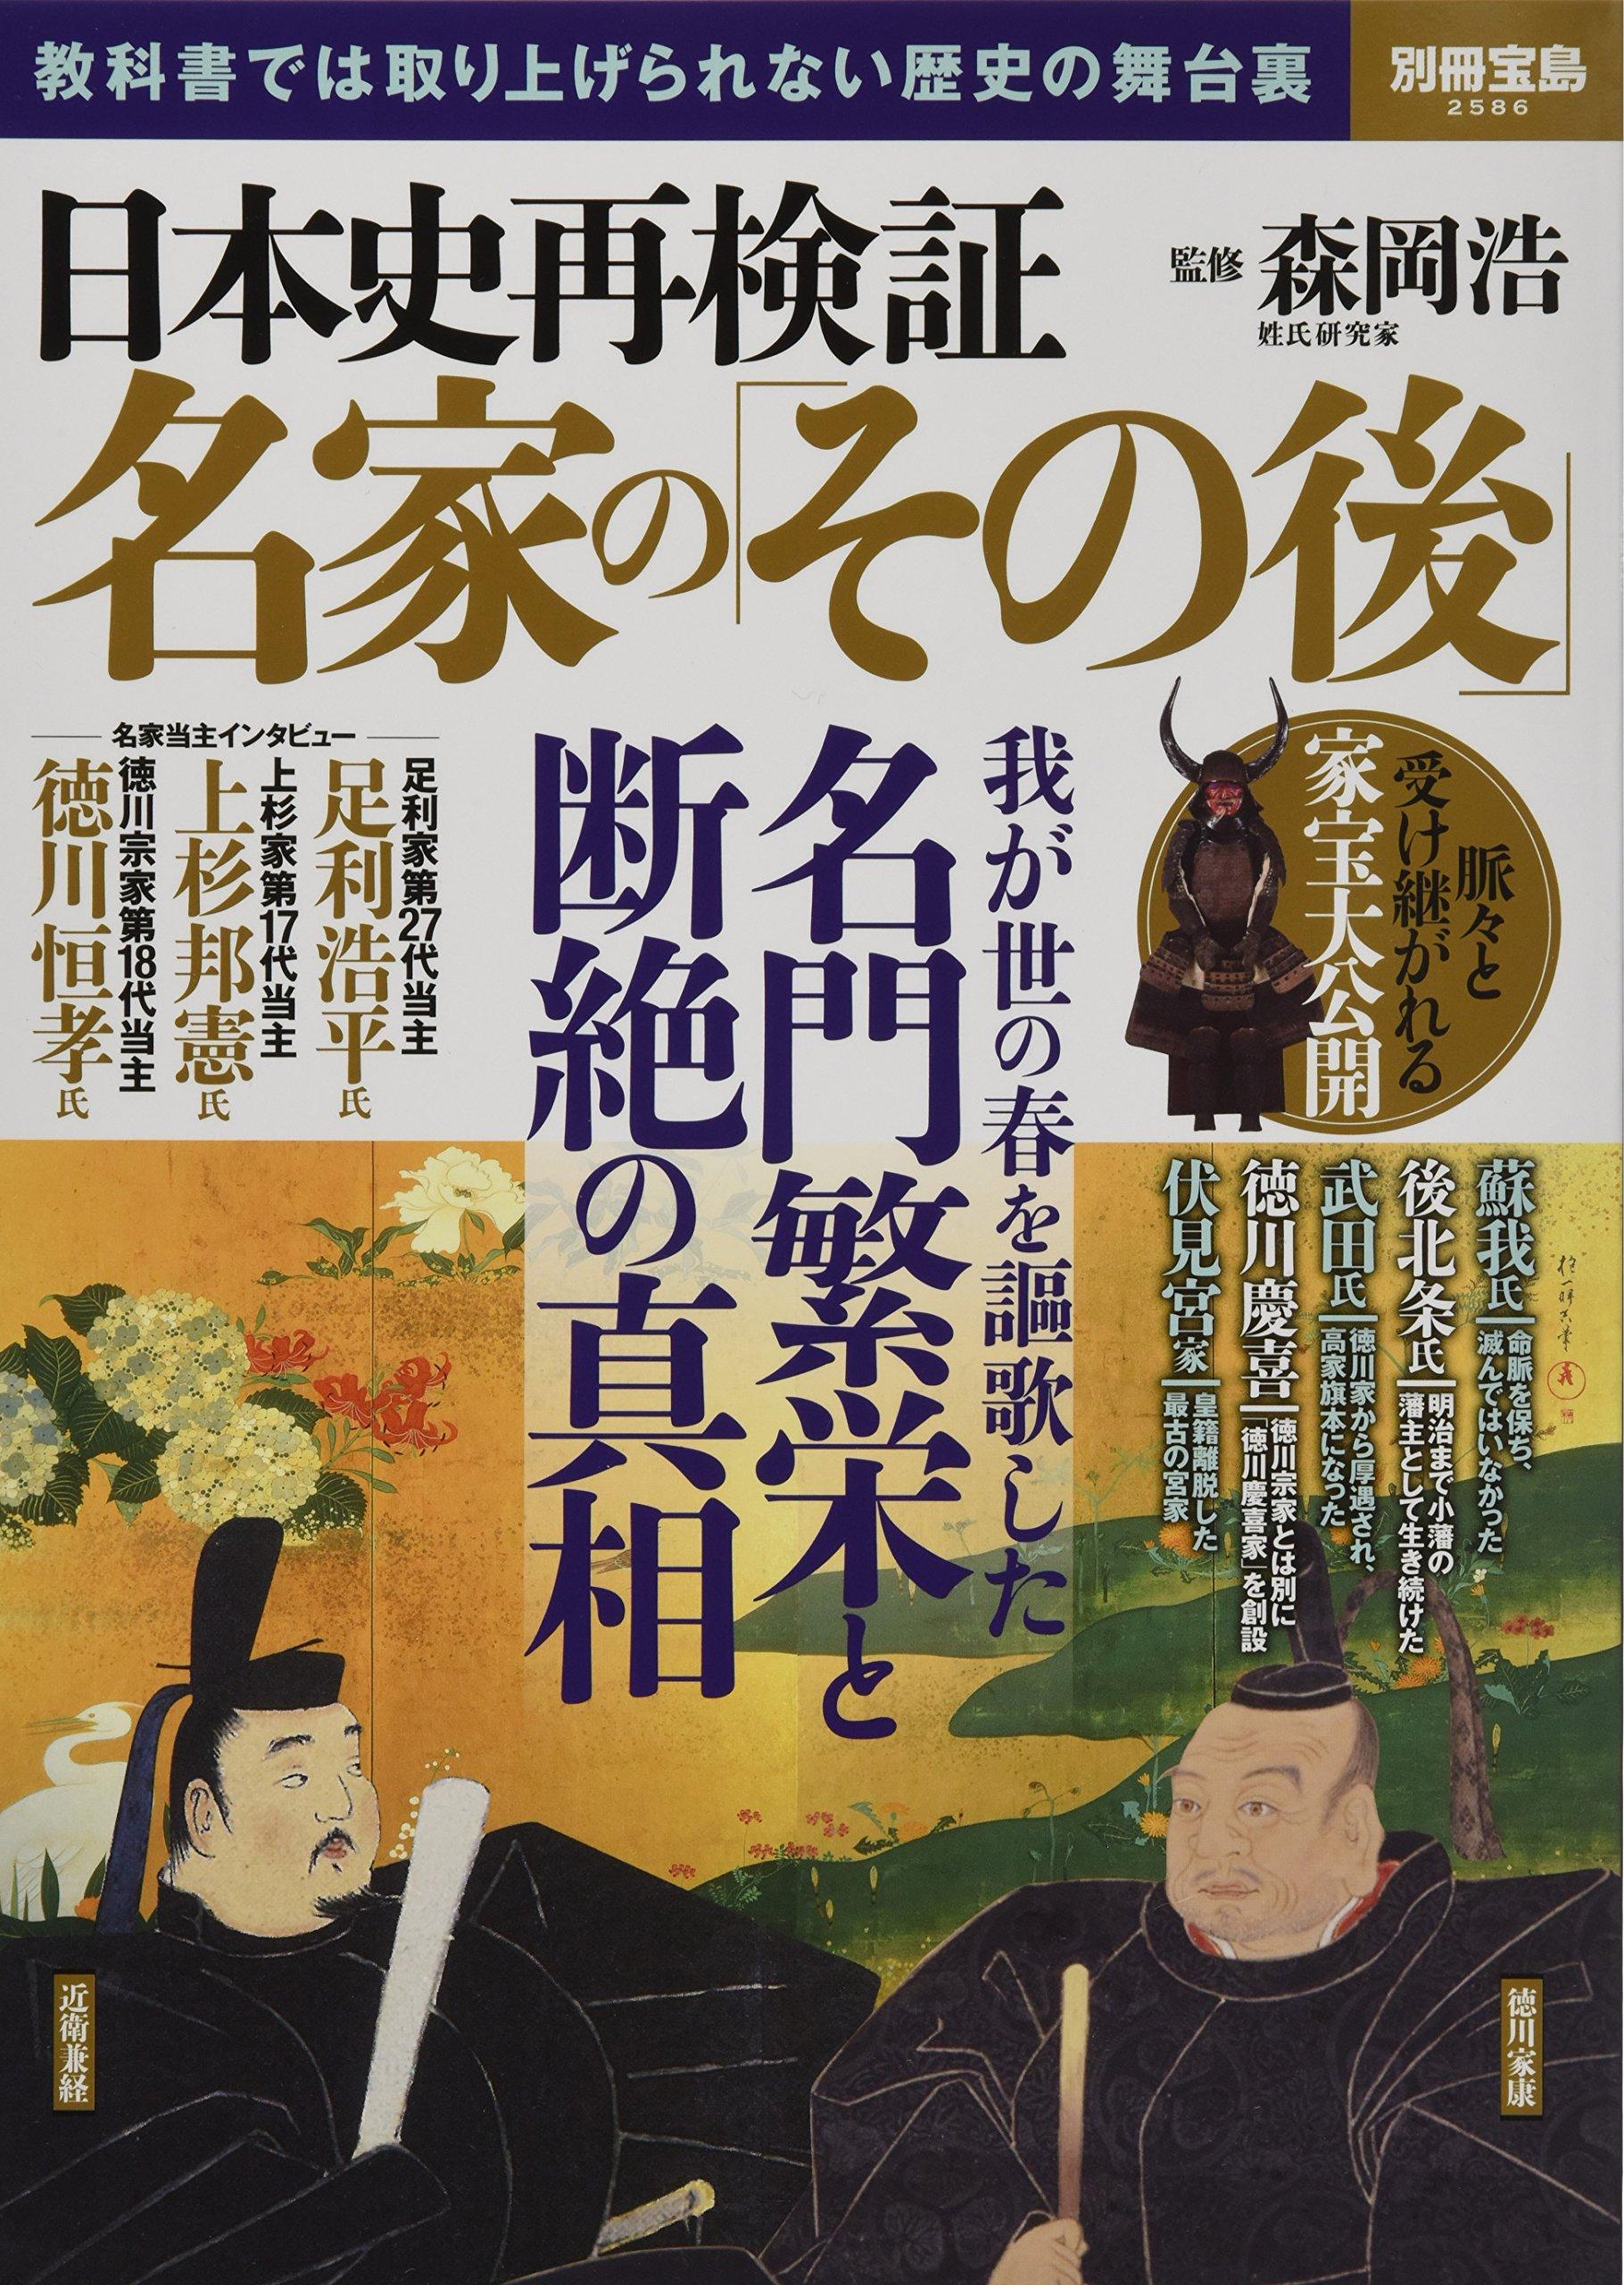 日本史再検証 名家の「その後」(別冊宝島2586)